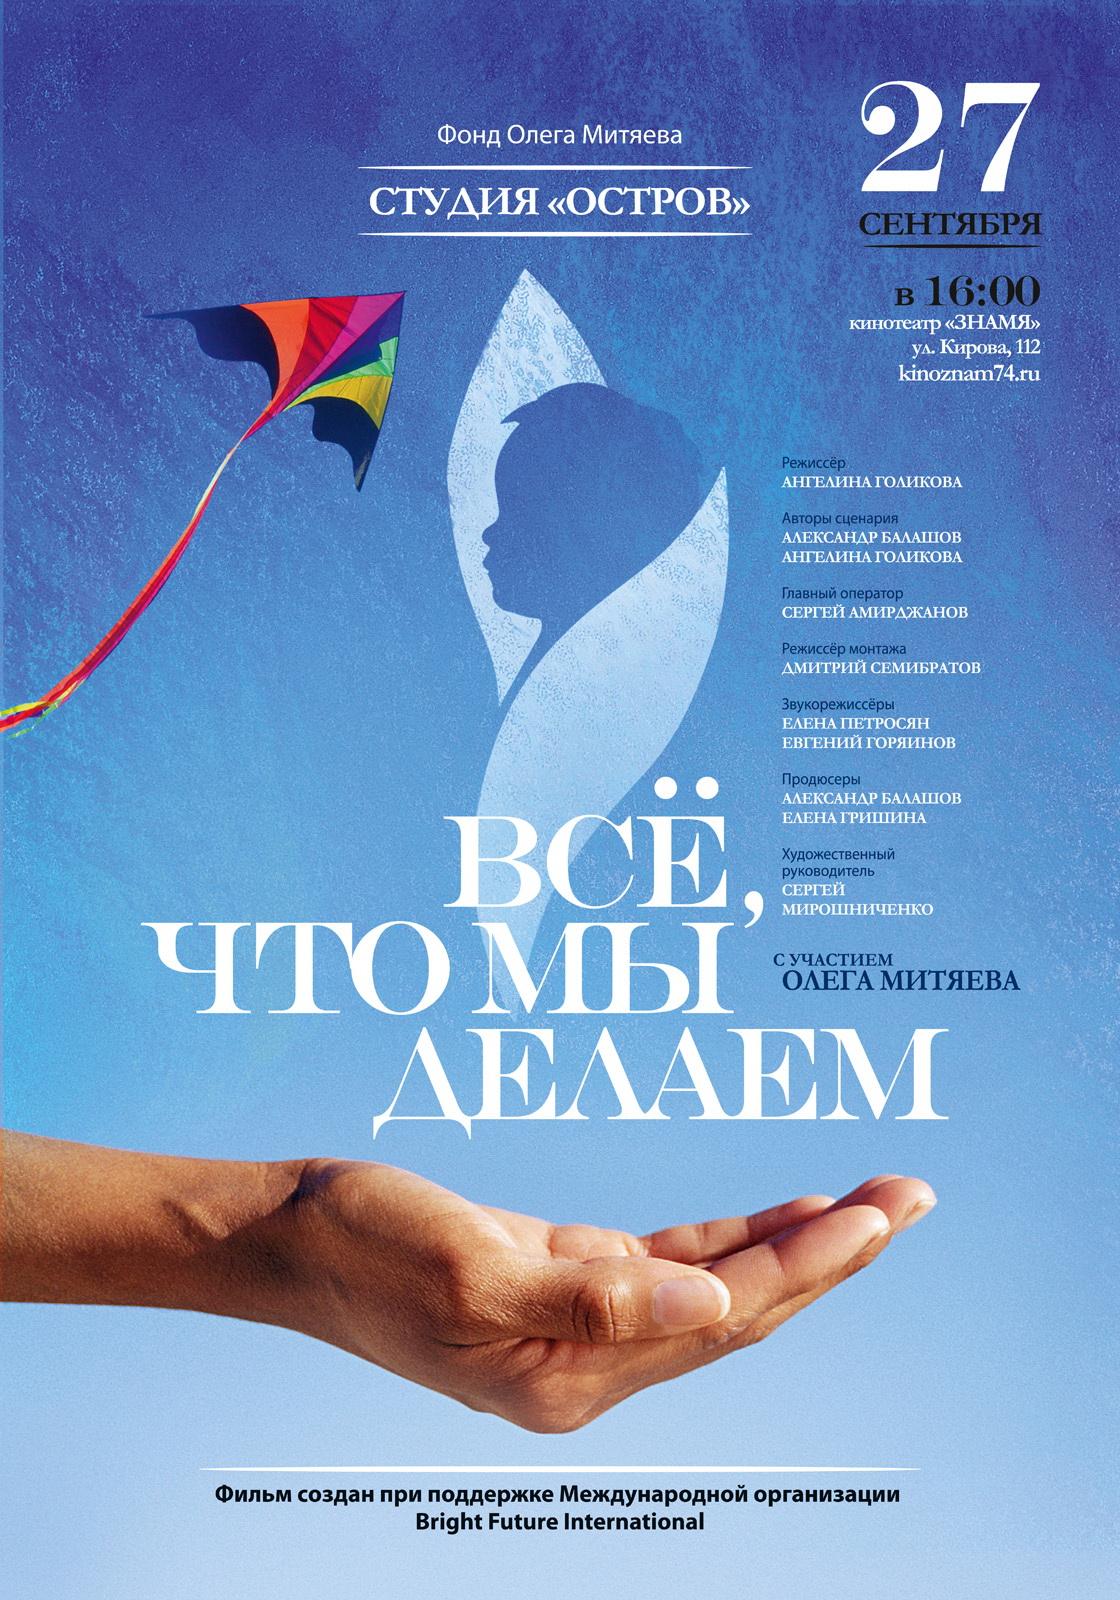 Как рассказали агентству «Урал-пресс-информ» в пресс-службе фонда Олега Митяева, фильм «Все, что